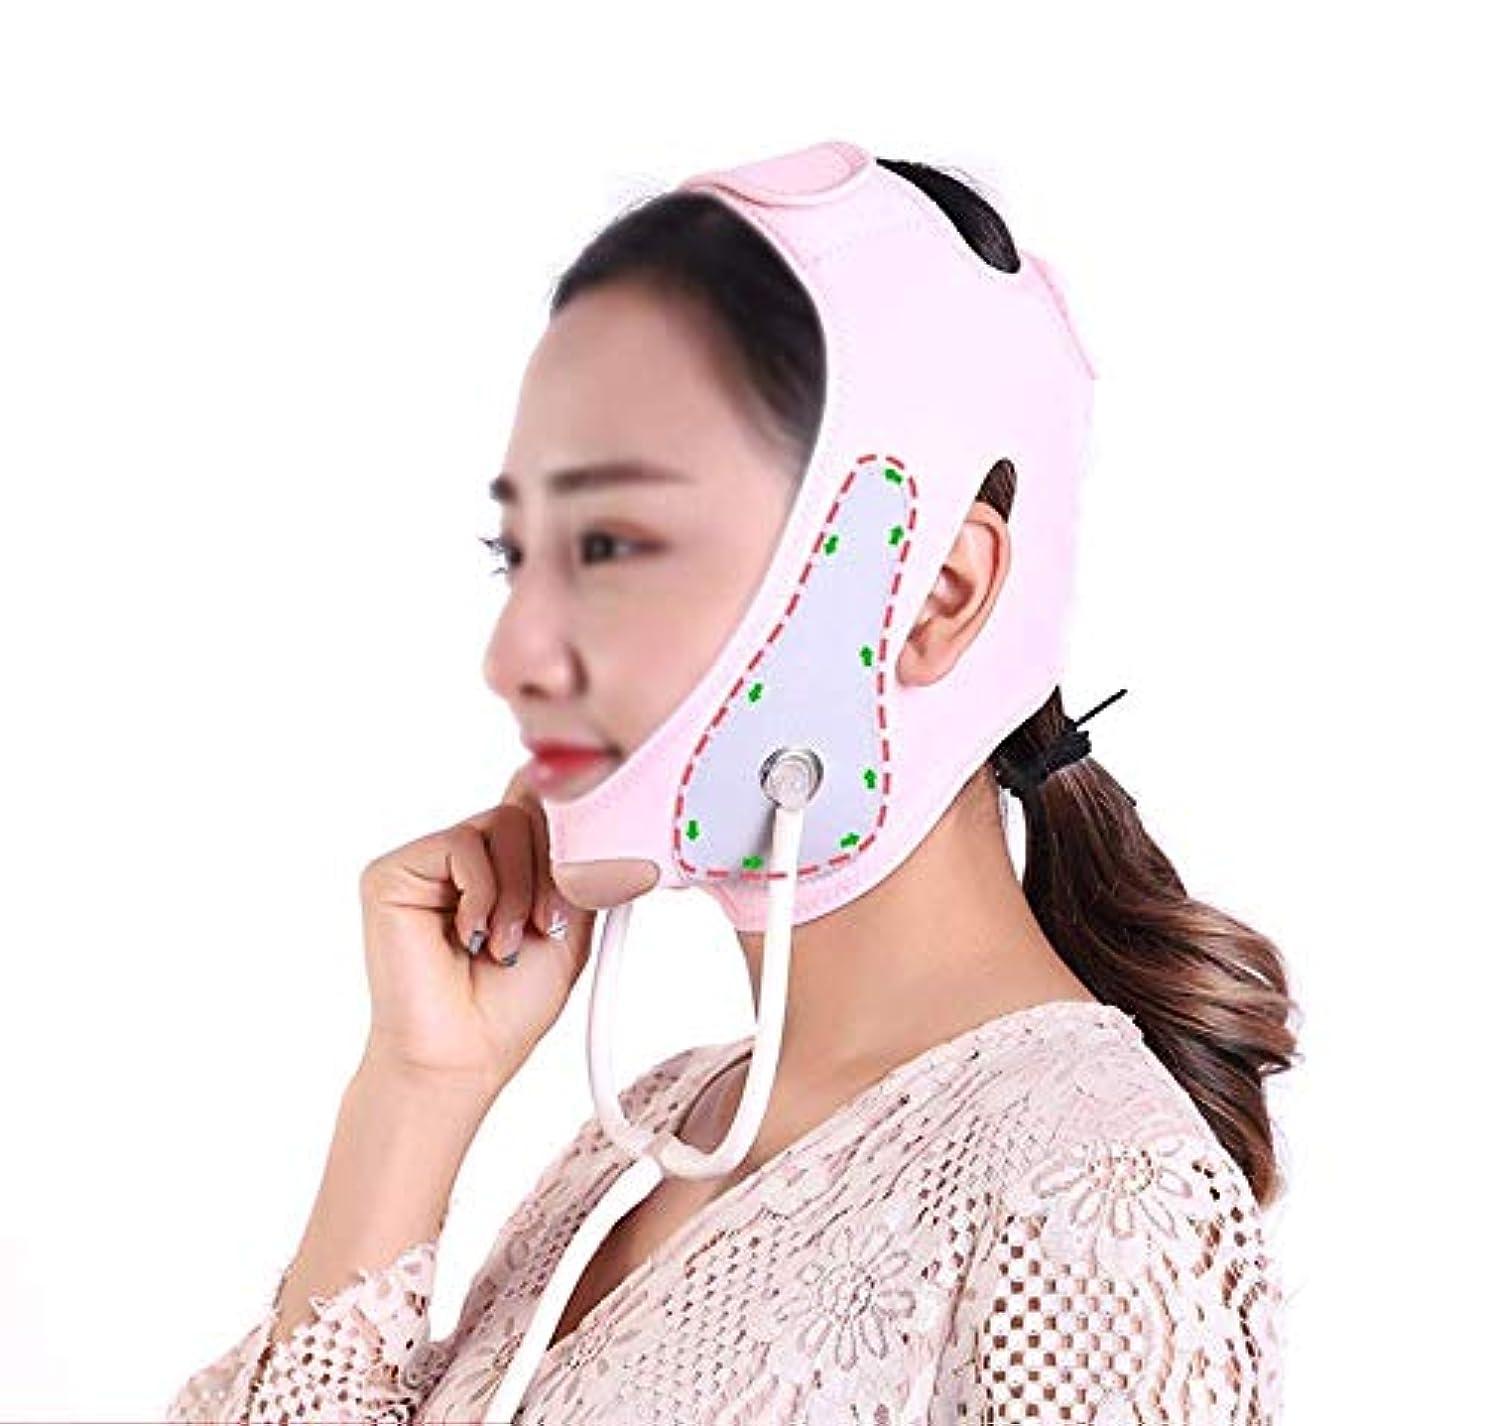 分泌する維持する提供するフェイスアンドネックリフトポストエラスティックスリーブ薄いフェイスマスク引き締め肌の改善咬筋リフティング収縮薄いフェイス弾性包帯Vフェイスアーティファクト